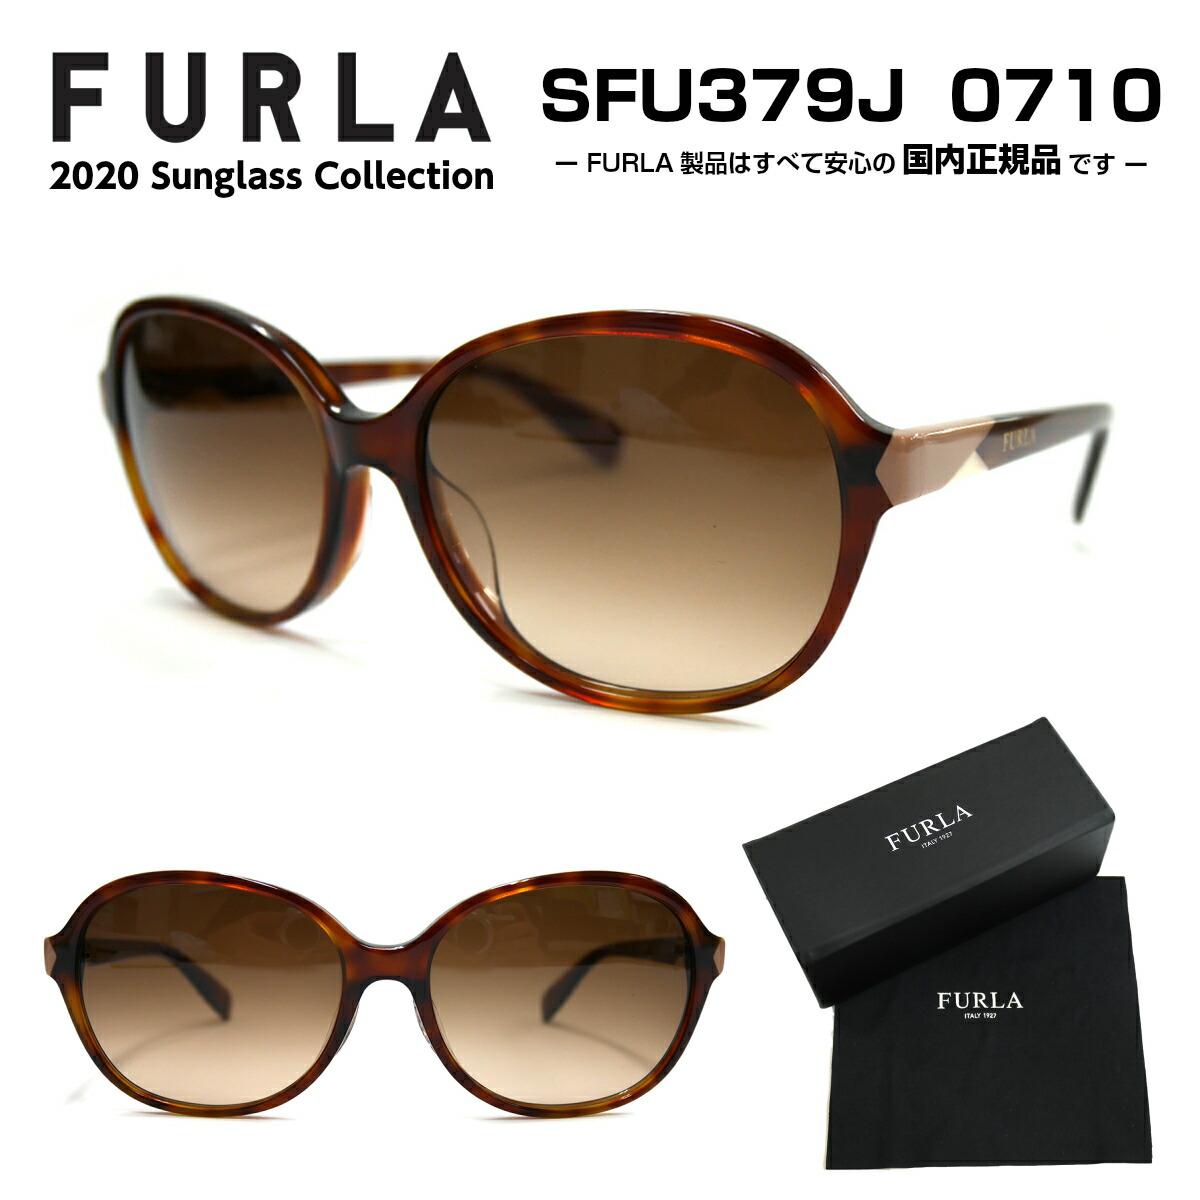 FURLA フルラ サングラス SFU379J 0710 2020年モデル SUNGLASS メガネ レディース 女性 正規品 UVカット ライトカラー うすめ きれい かわいい 大きめ 母の日 プレゼント ギフト オススメ